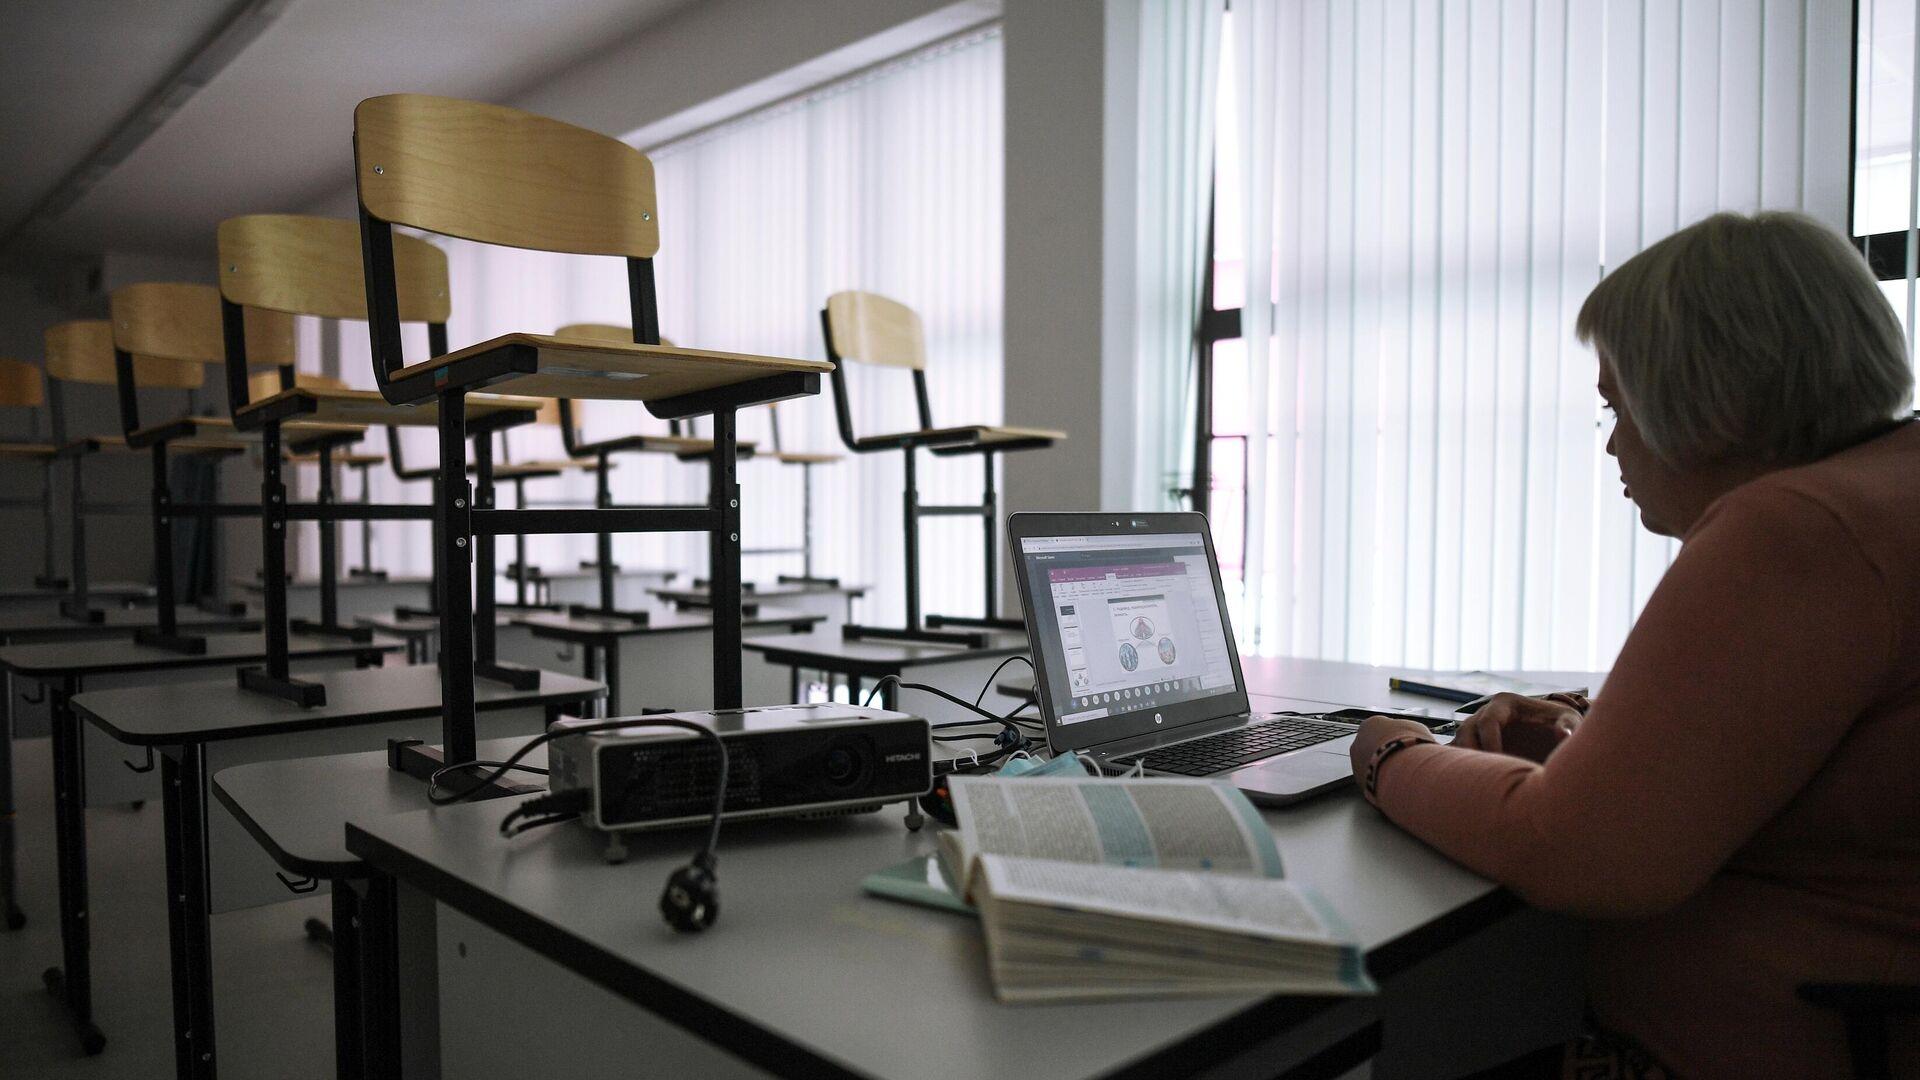 Учительница во время онлайн урока в одной из школ в Москве - РИА Новости, 1920, 29.12.2020